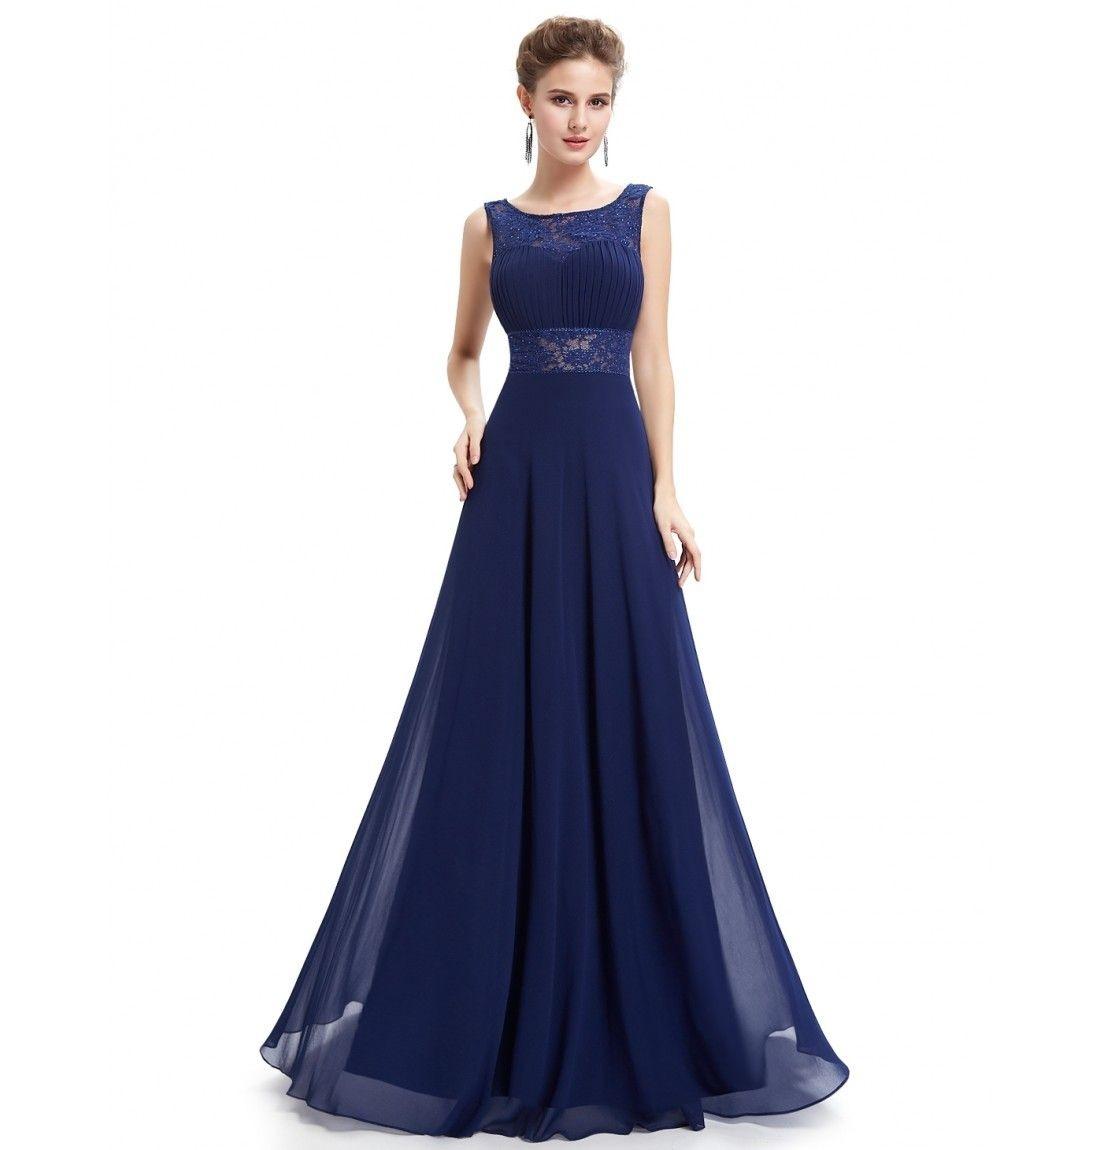 20 Cool Dunkelblaues Kleid Lang VertriebDesigner Schön Dunkelblaues Kleid Lang Vertrieb